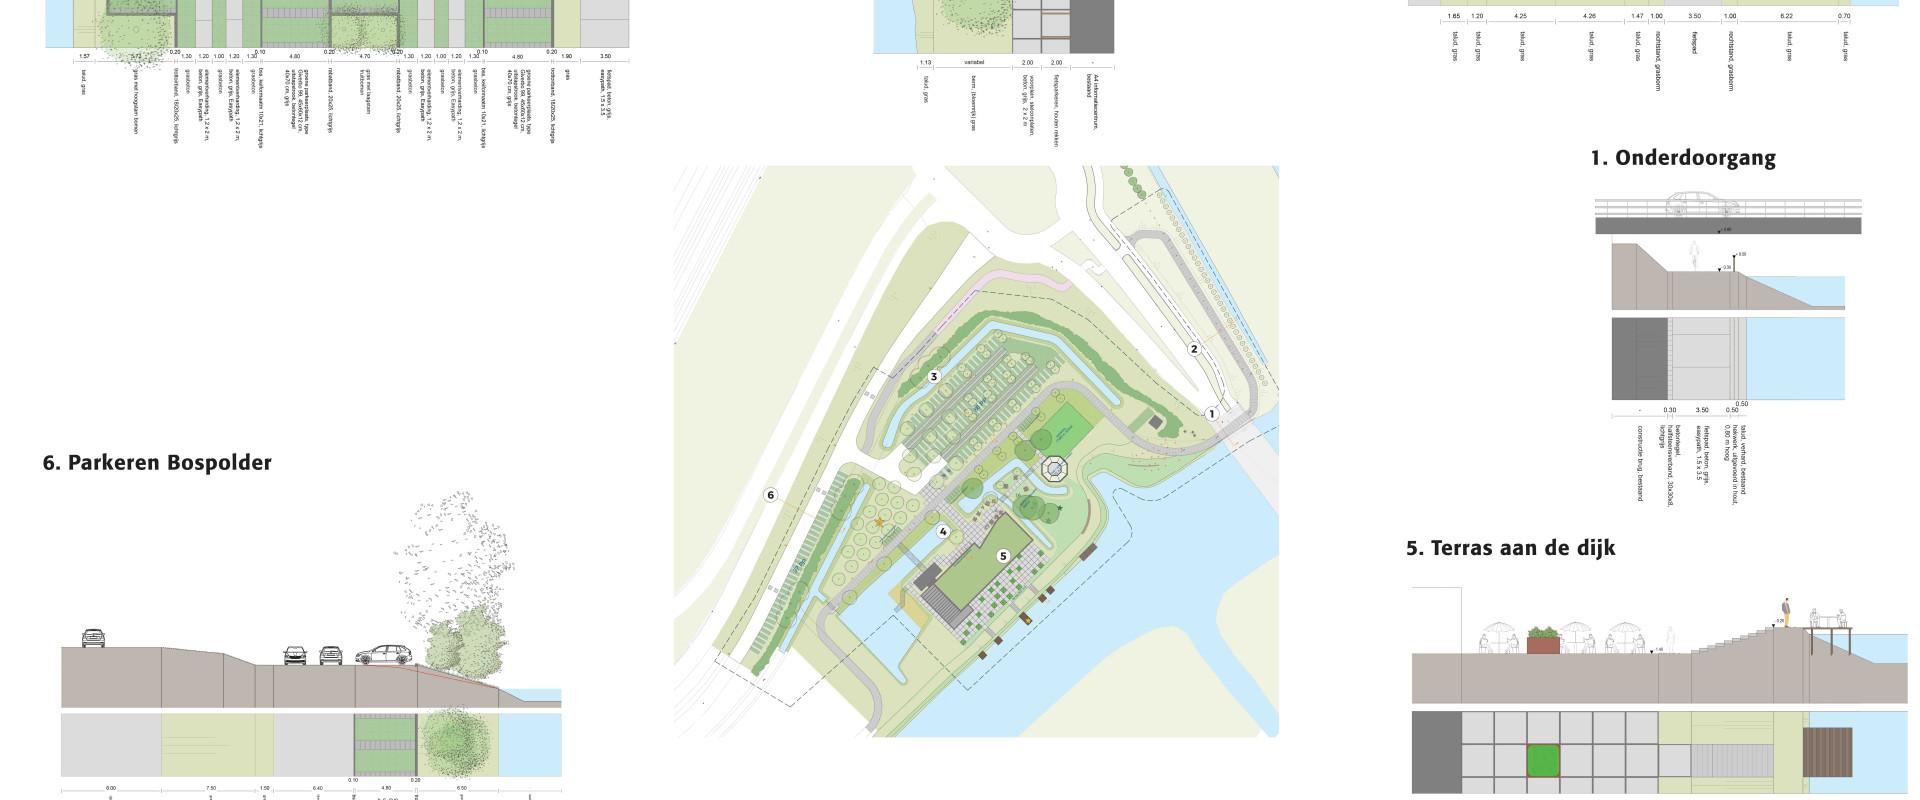 200115 A0 Panelen PVLA Groene Hart Centrum hq 2-3